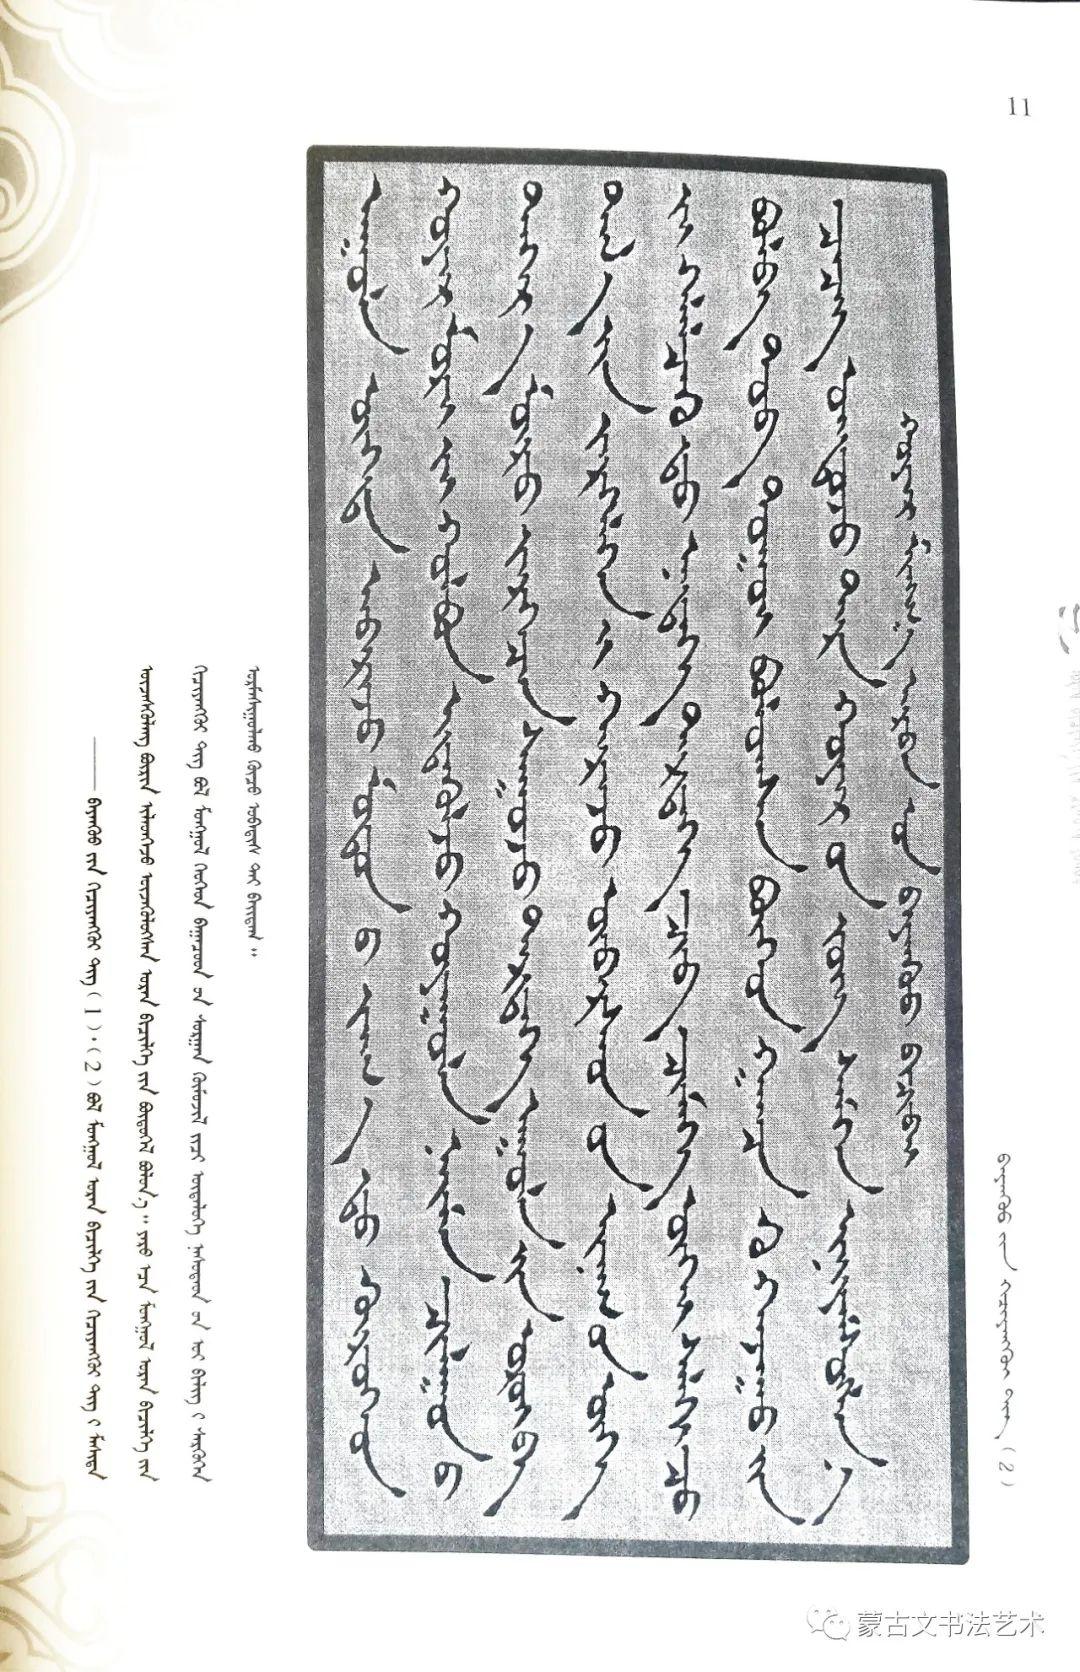 巴图巴雅尔和《蒙古文书法概要》 第10张 巴图巴雅尔和《蒙古文书法概要》 蒙古书法